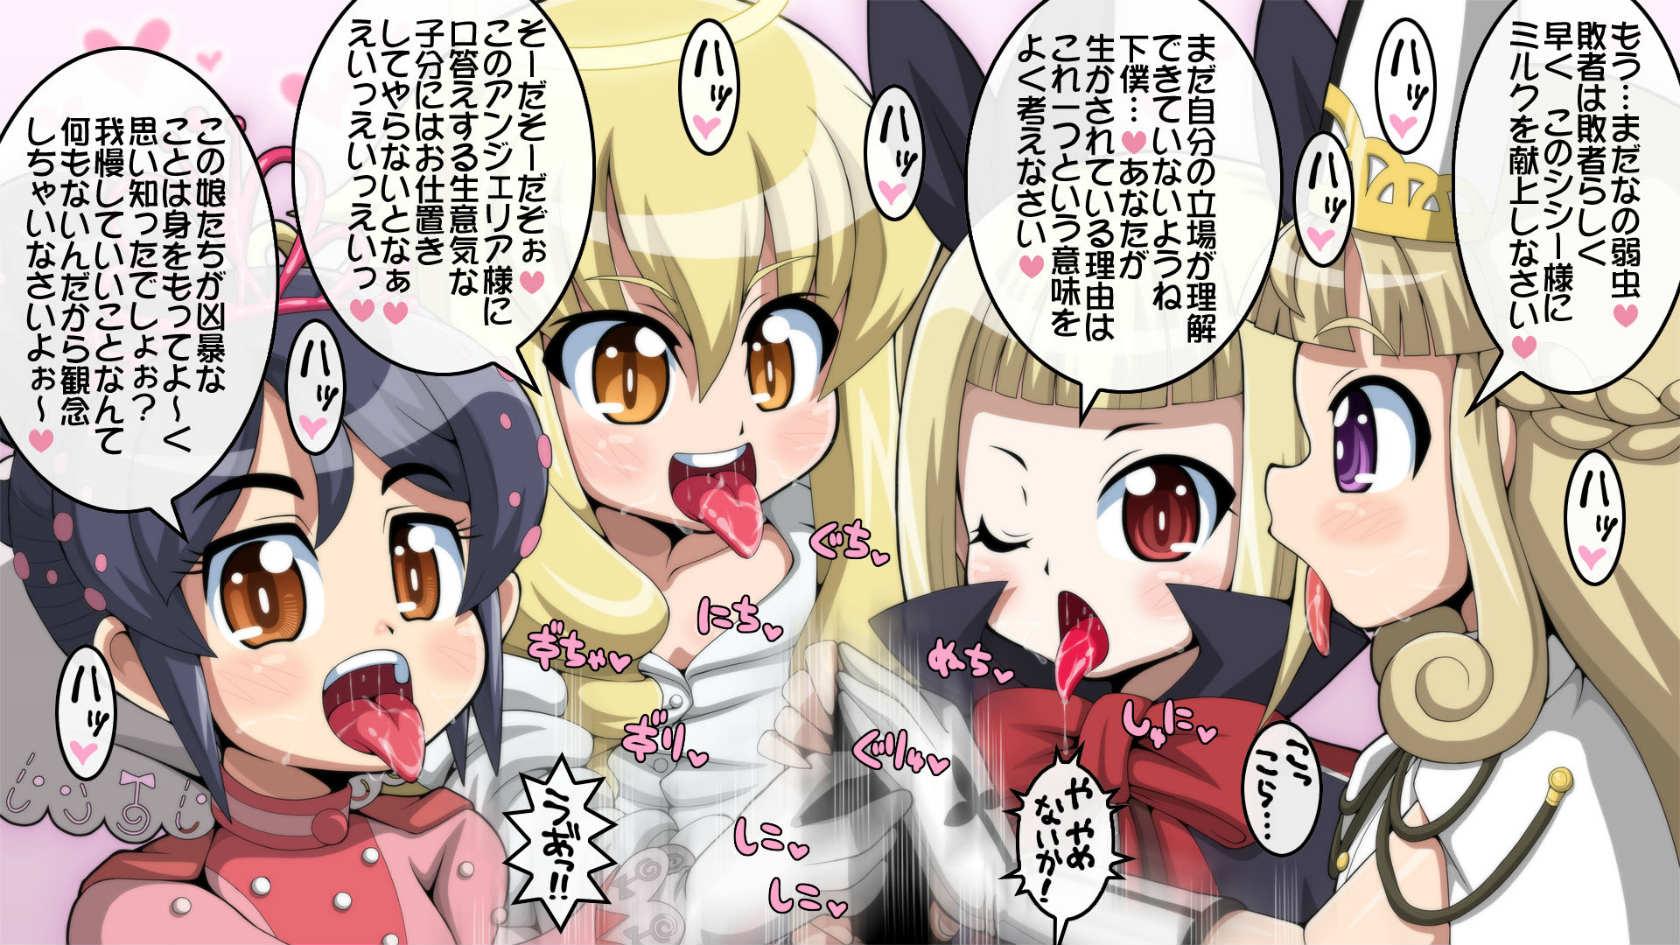 ハーレム 手コキ(手袋コキ) 舌射